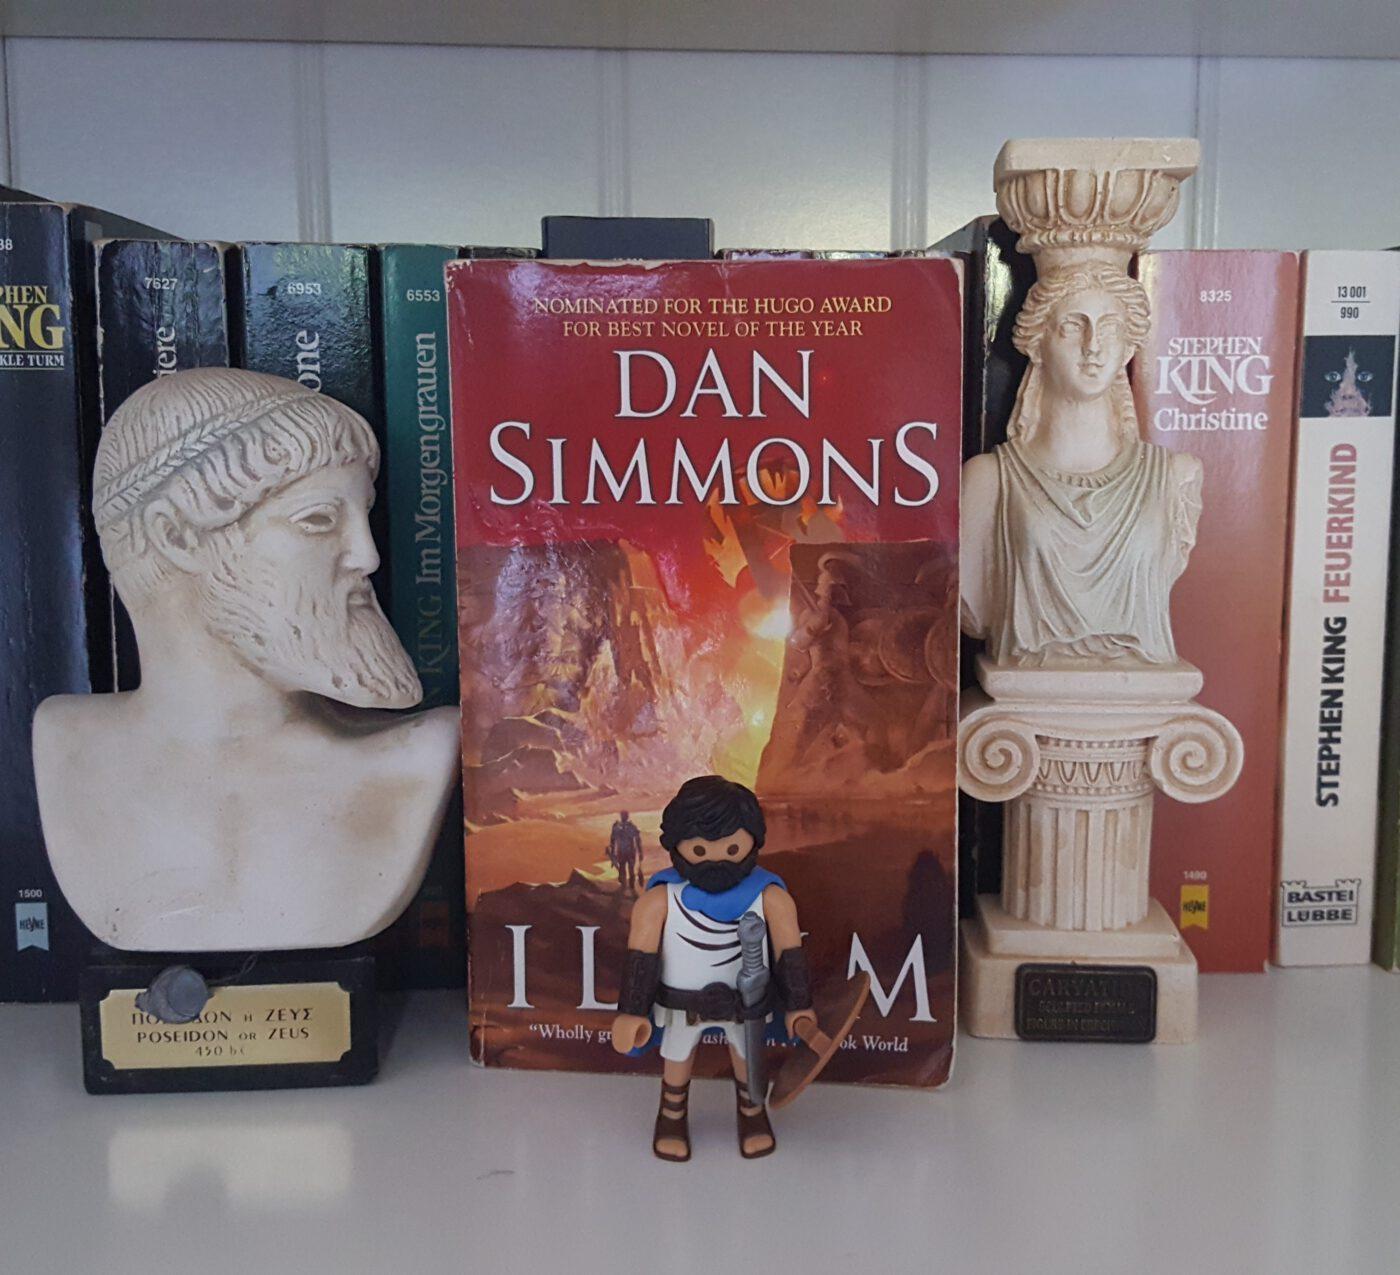 Dan Simmons' Ilium